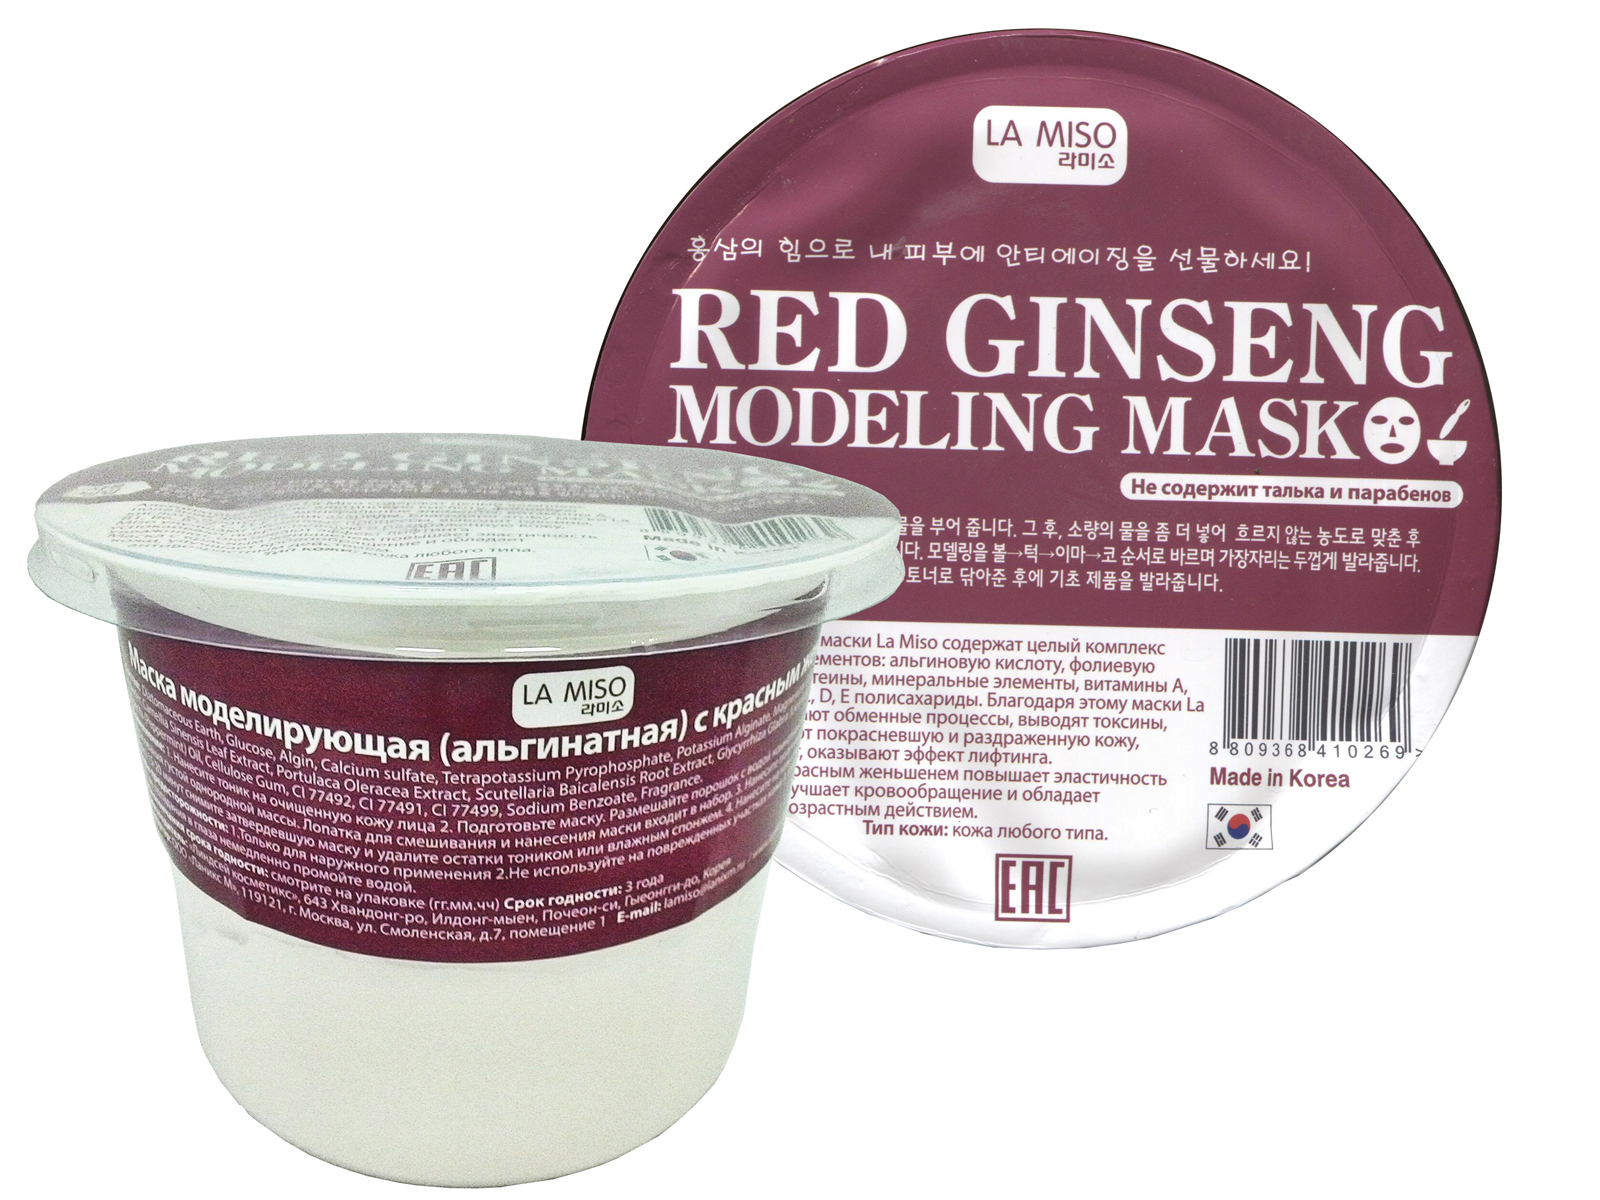 La Miso Маска моделирующая, альгинатная с красным женьшенем, 28 гFS-00897Альгинатные маски La Miso содержат целый комплекс полезных элементов: альгиновую кислоту, фолиевую кислоту, протеины, минеральные элементы, витамины A, B1, B6, B12, C, D, E полисахариды. Благодаря этому маски La Miso улучшают обменные процессы, выводят токсины, успокаивают покрасневшую и раздраженную кожу, увлажняют, оказывают эффект лифтинга.